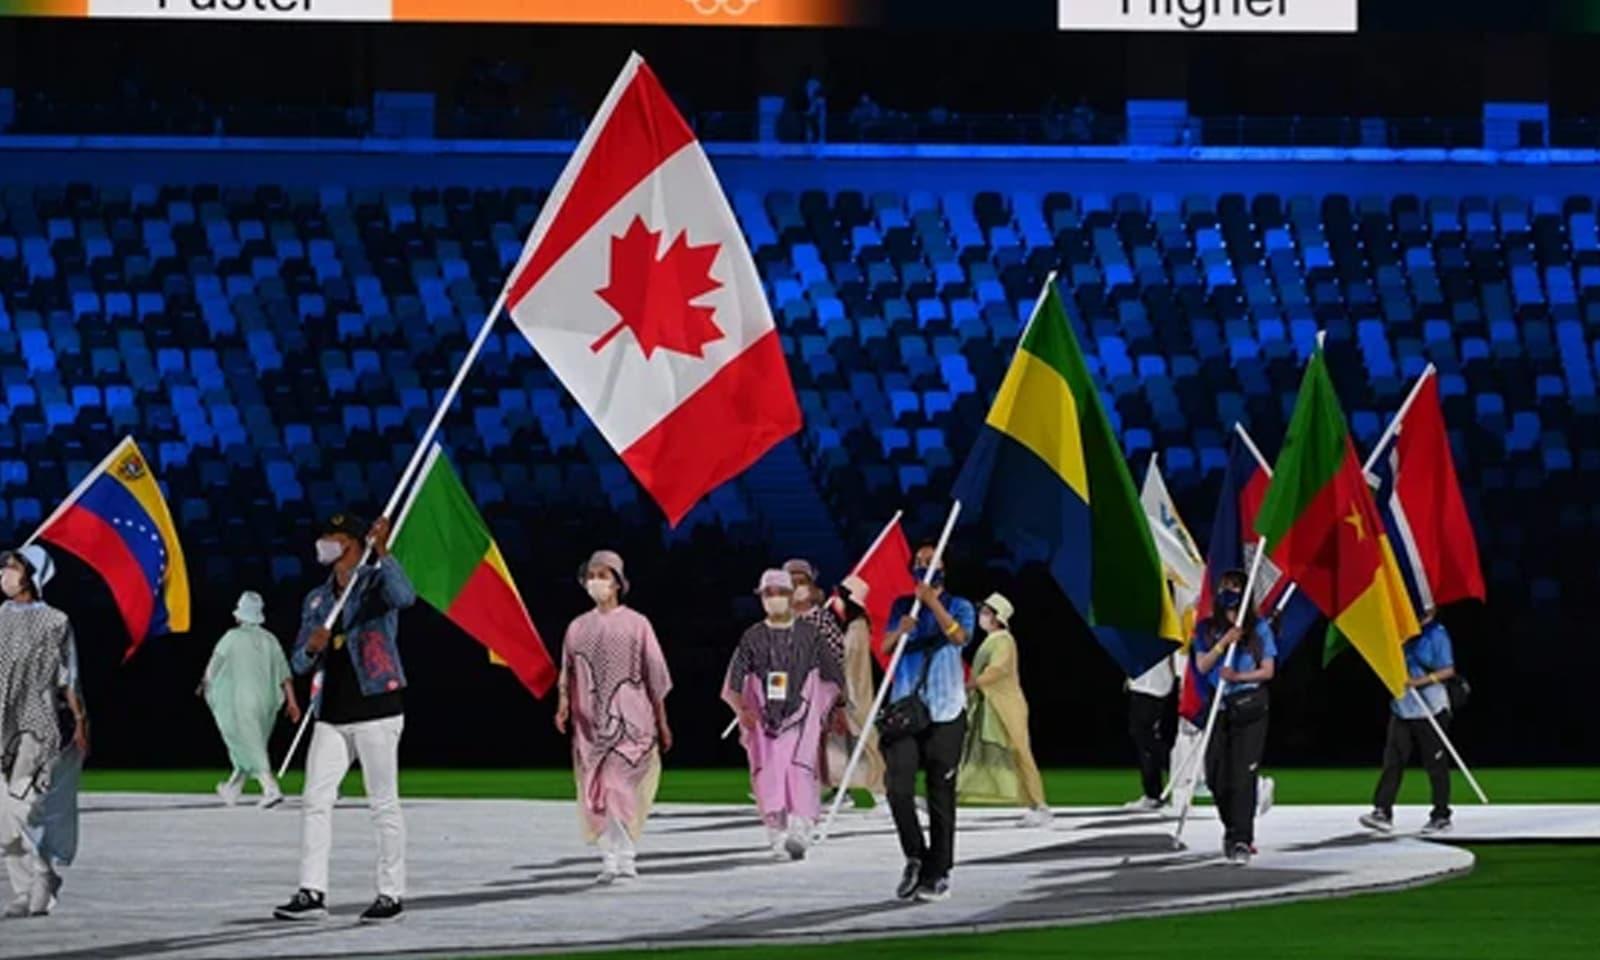 ٹوکیو اولمپکس میں میڈلز کی دوڑ میں امریکا سرفہرست اور چین کا دوسرا نمبر رہا—فوٹو: اے ایف پی